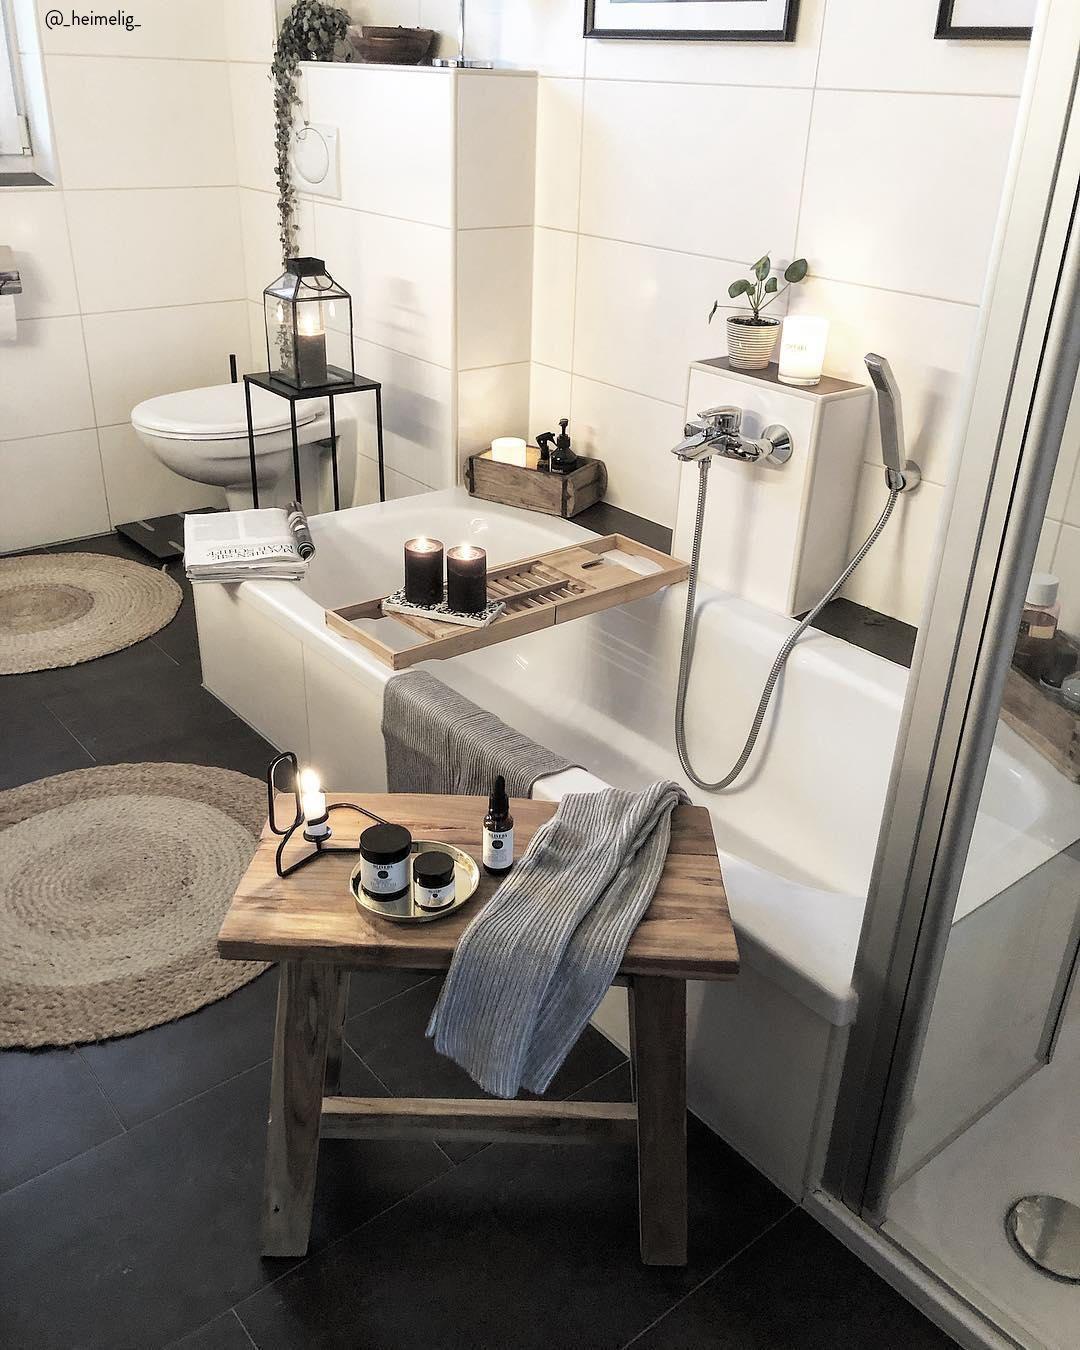 Pin Von Neele Van Kaempen Auf Bathroom In 2020 Badezimmer Design